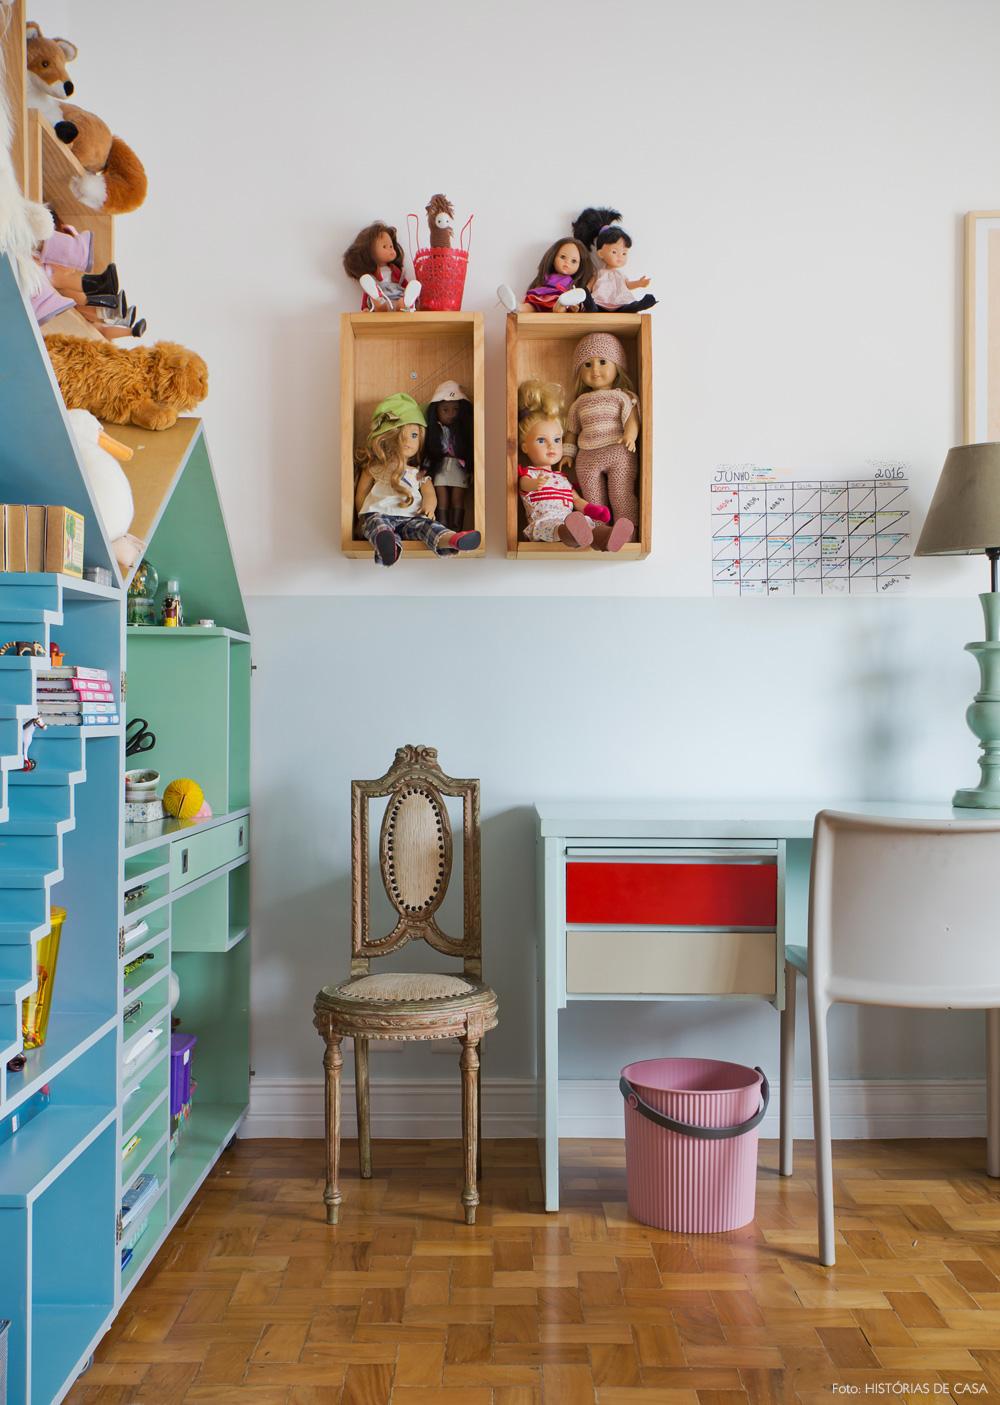 43-decoracao-quarto-menina-escrivaninha-estante-forma-casinha